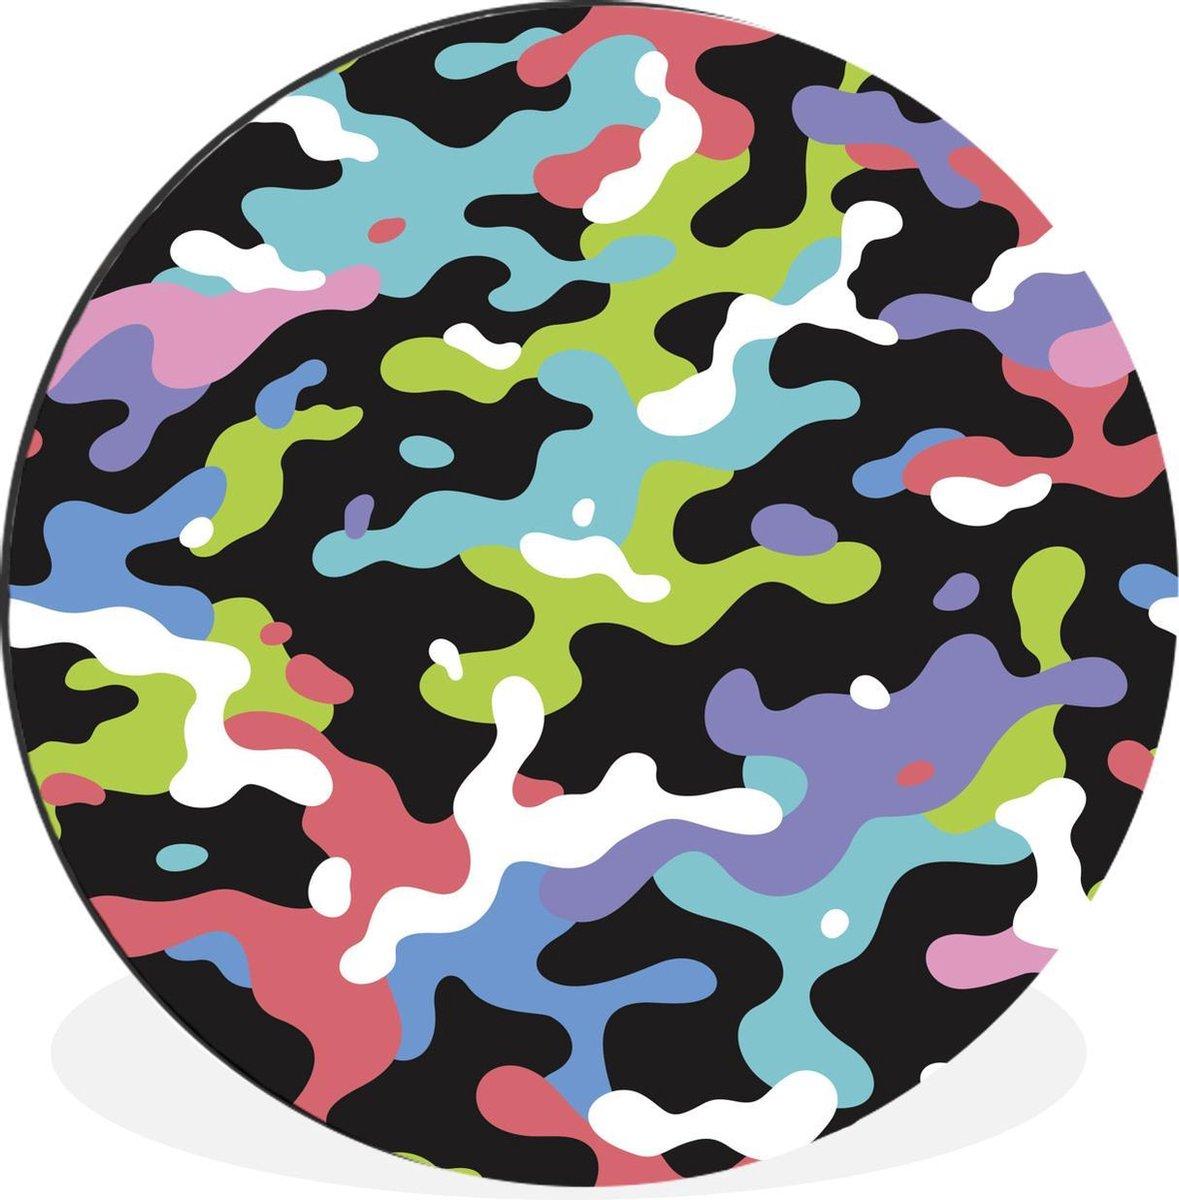 Wandcirkel Gecamoufleerd aluminium - Kleurrijk camouflage patroon -   60 cm - rond schilderij - fotoprint op aluminium / dibond / muurcirkel / wooncirkel / tuincirkel (wanddecoratie)